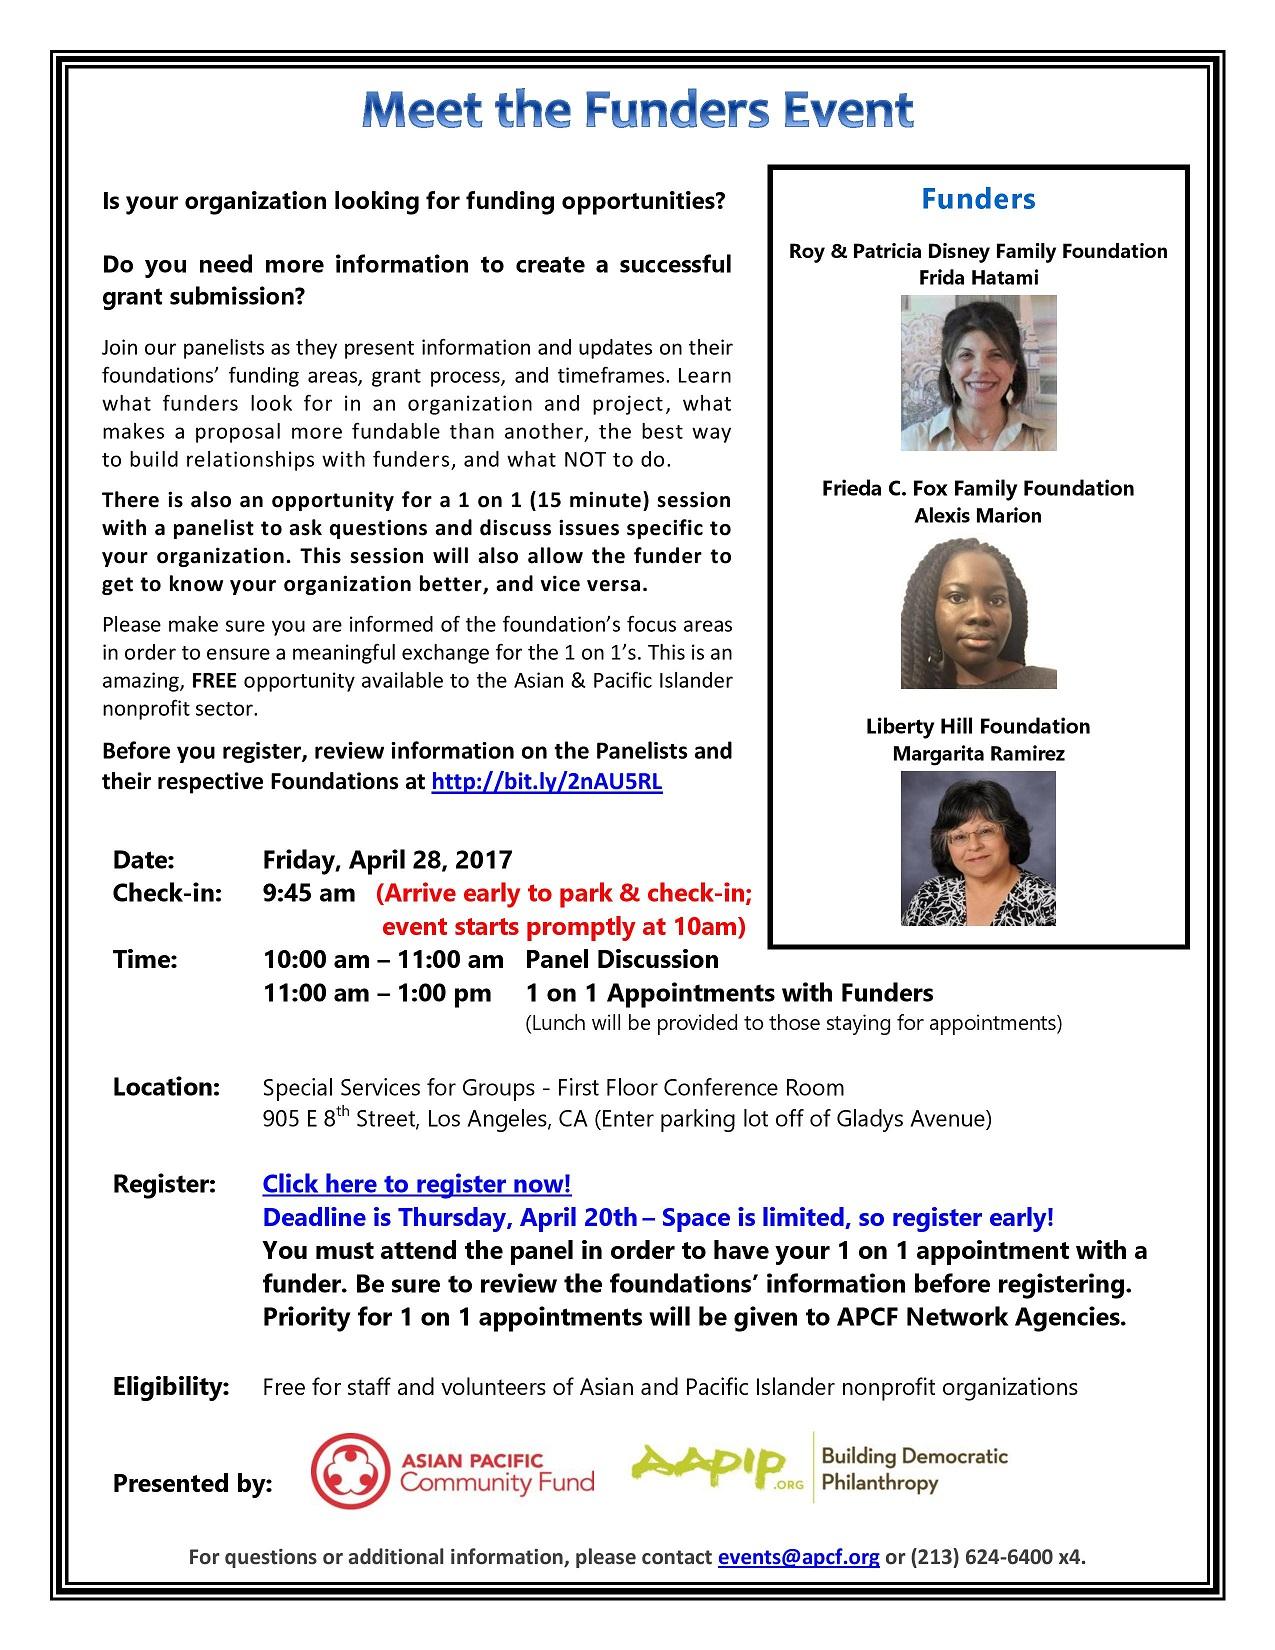 Meet the Funders 4-28-17 Flier-page-001.jpg